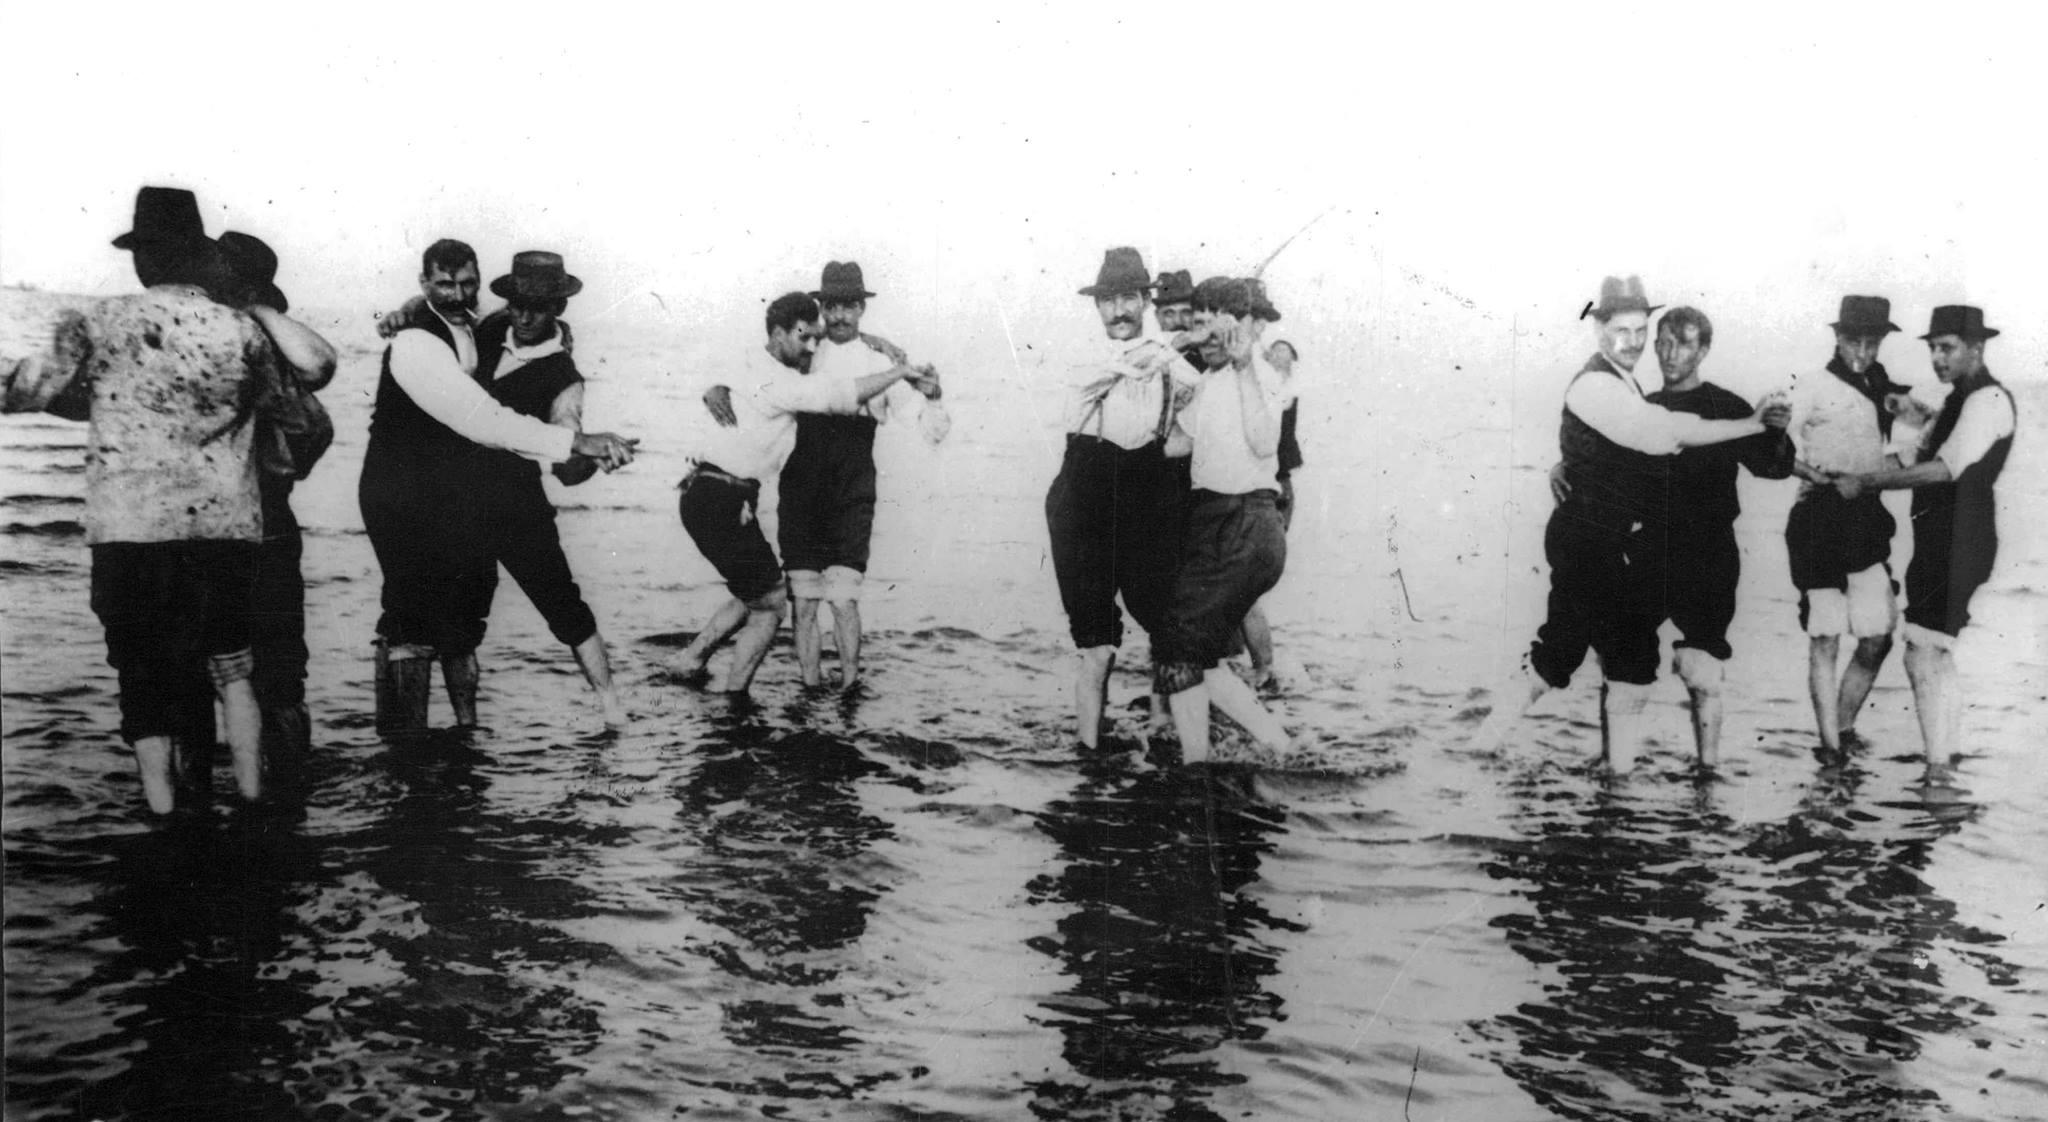 El tango en el sxix bailado entre hombres